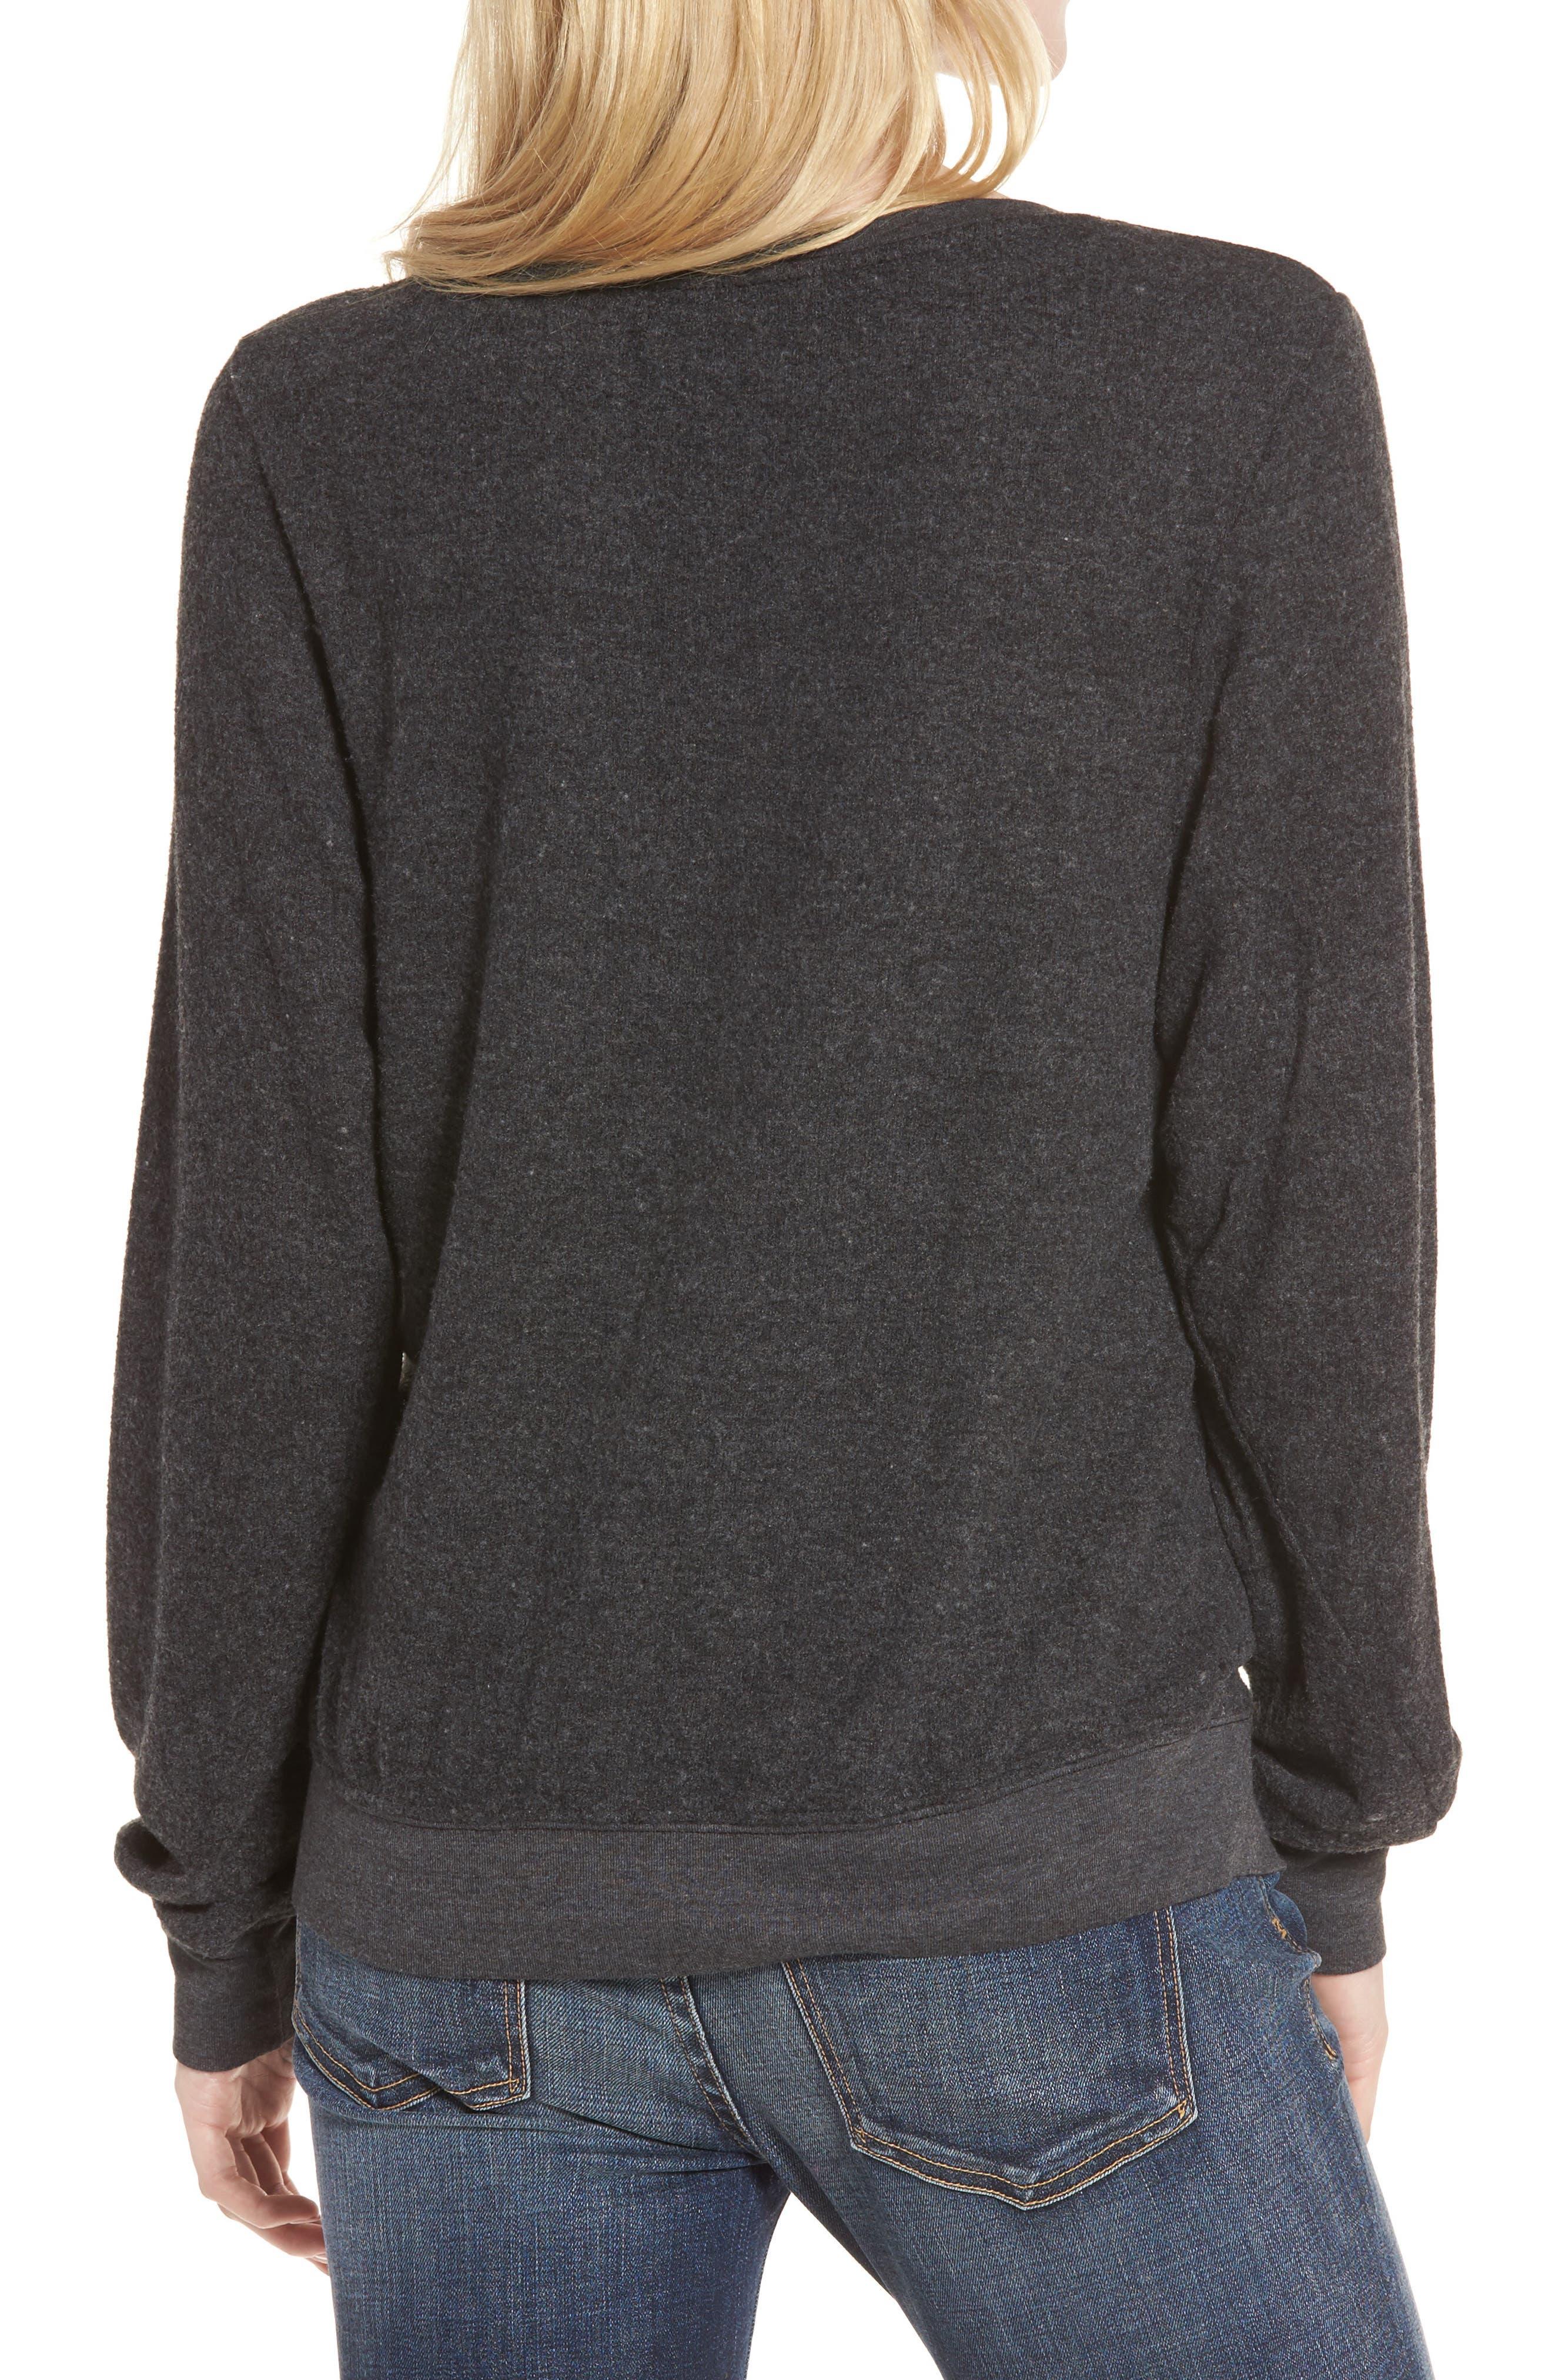 I Need Sleep Sweatshirt,                             Alternate thumbnail 2, color,                             002